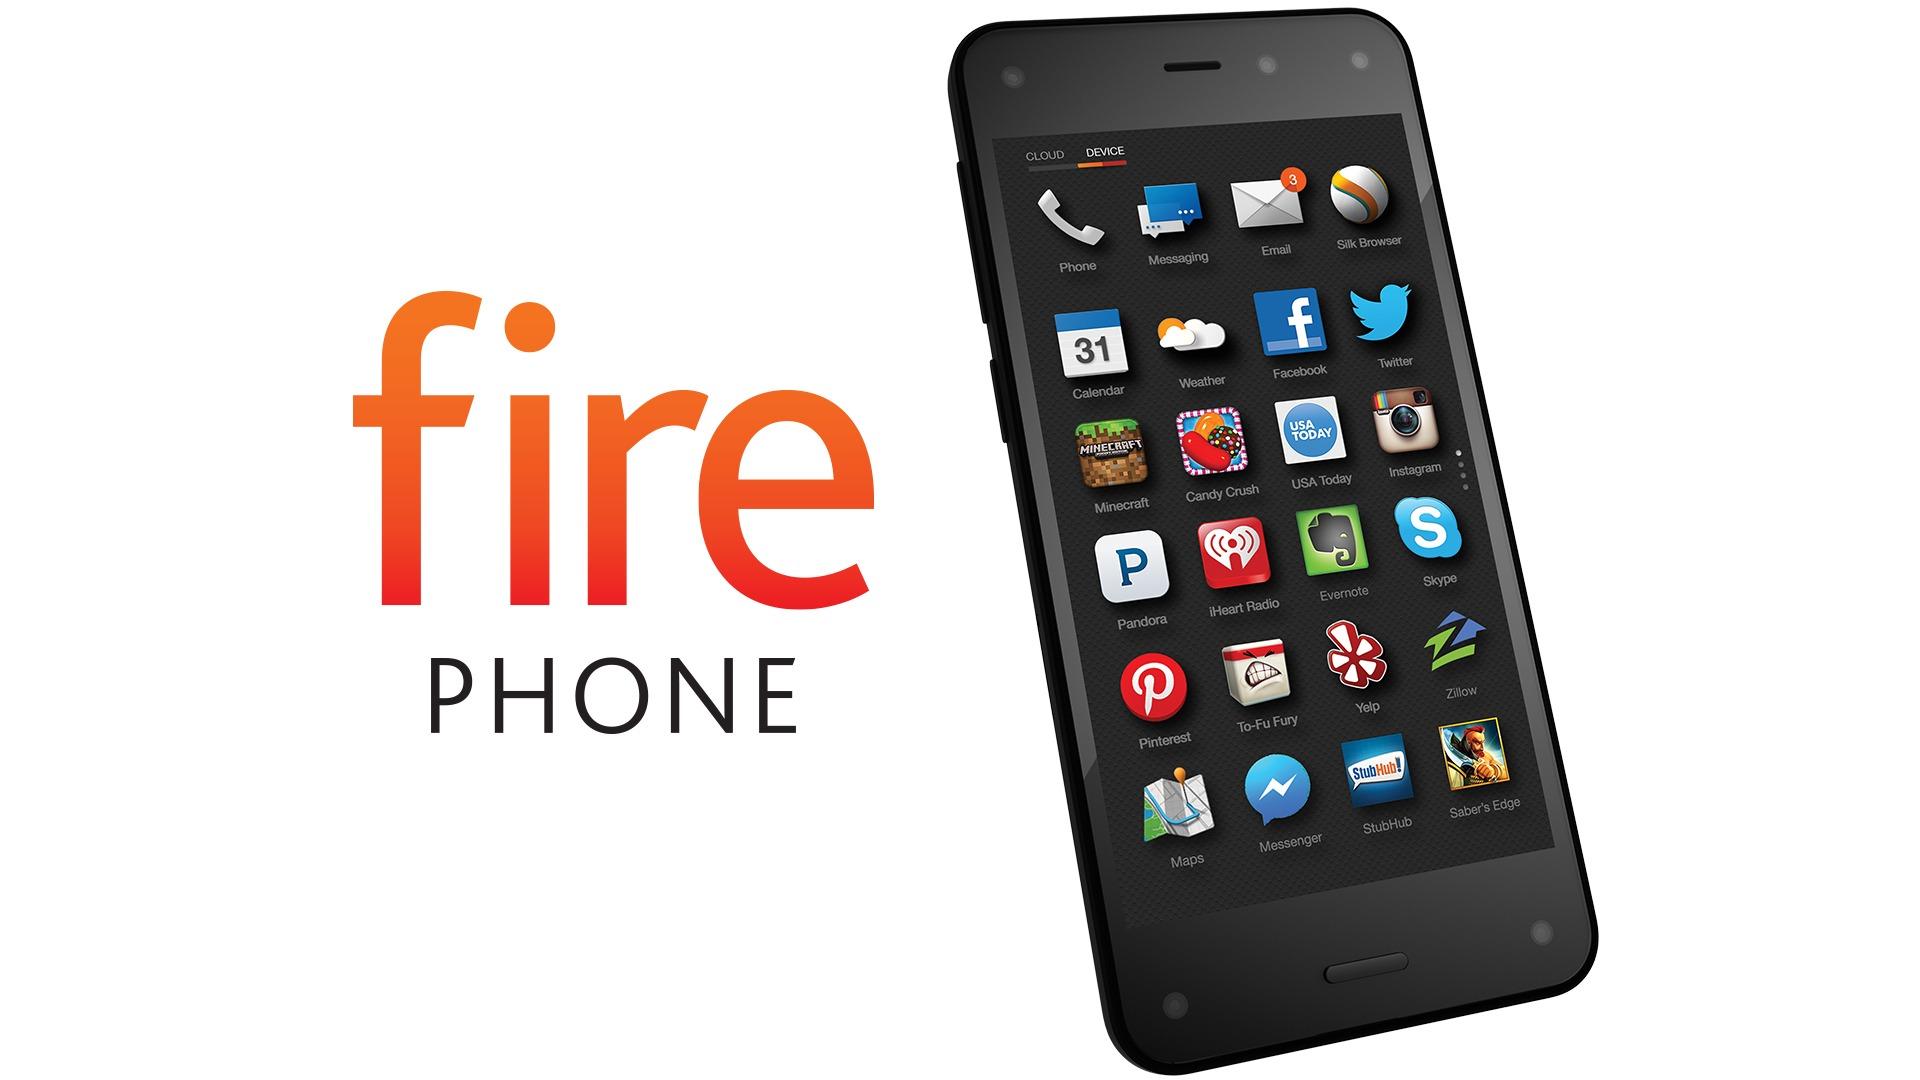 Après l'échec Fire Phone, Amazon revient sur le marché des smartphones avec l'Ice Phone